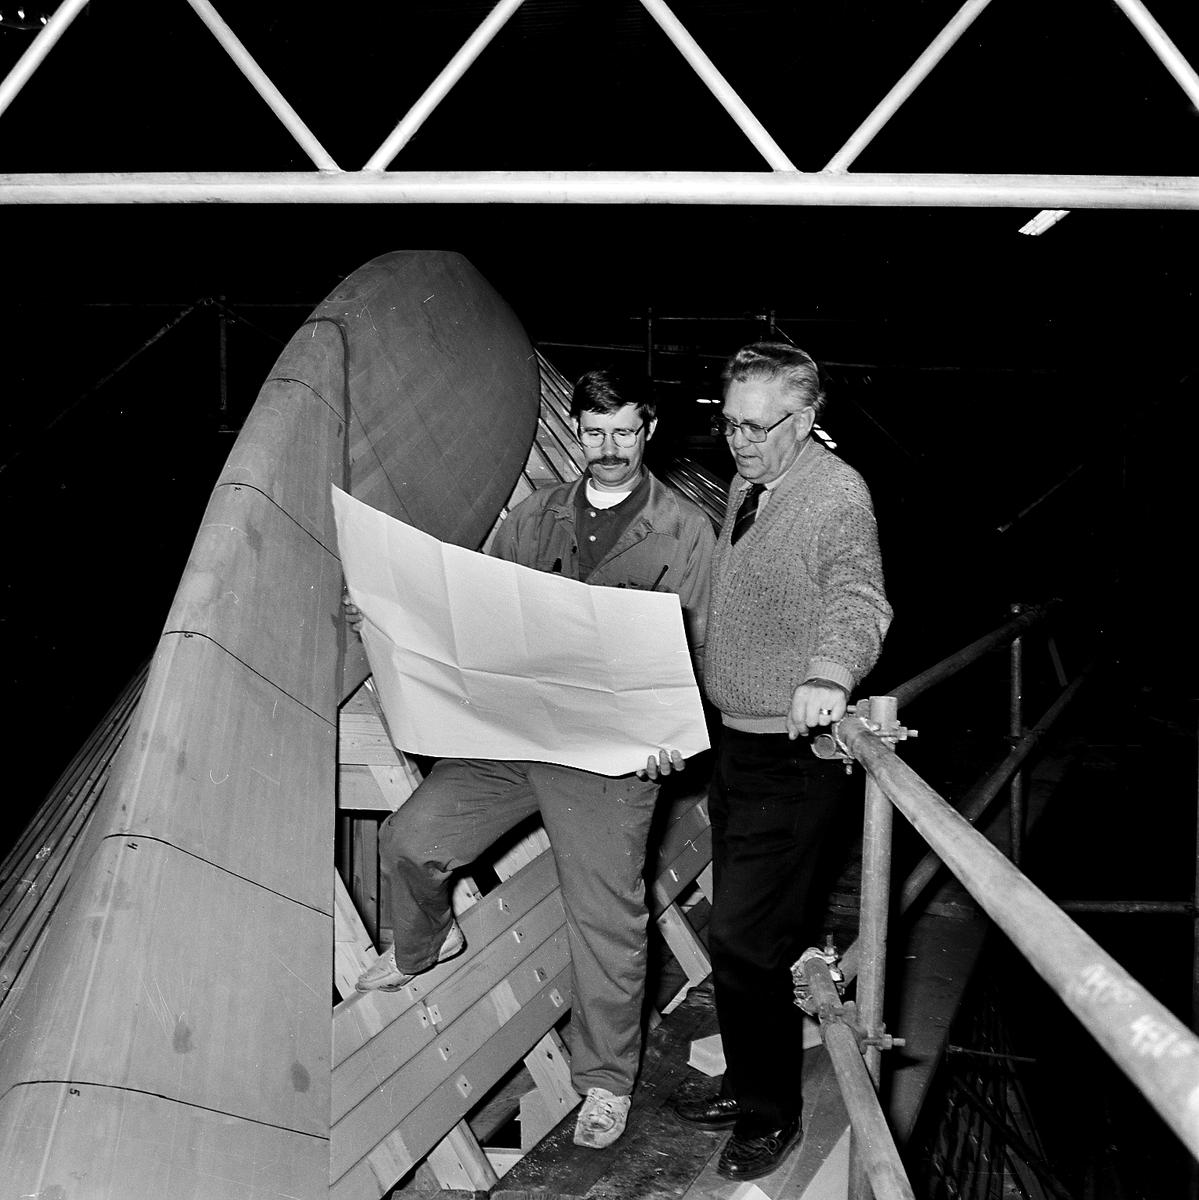 Varvet runt- en bildutställning Ingenjören Sone Persson och förmannen Arne Törnström vid förstäven till ett minröjningsfartyg typ Styrsö 1993. Arne är ättling i 7:e generationen till galjonsbildhuggaren Johan Törnström.